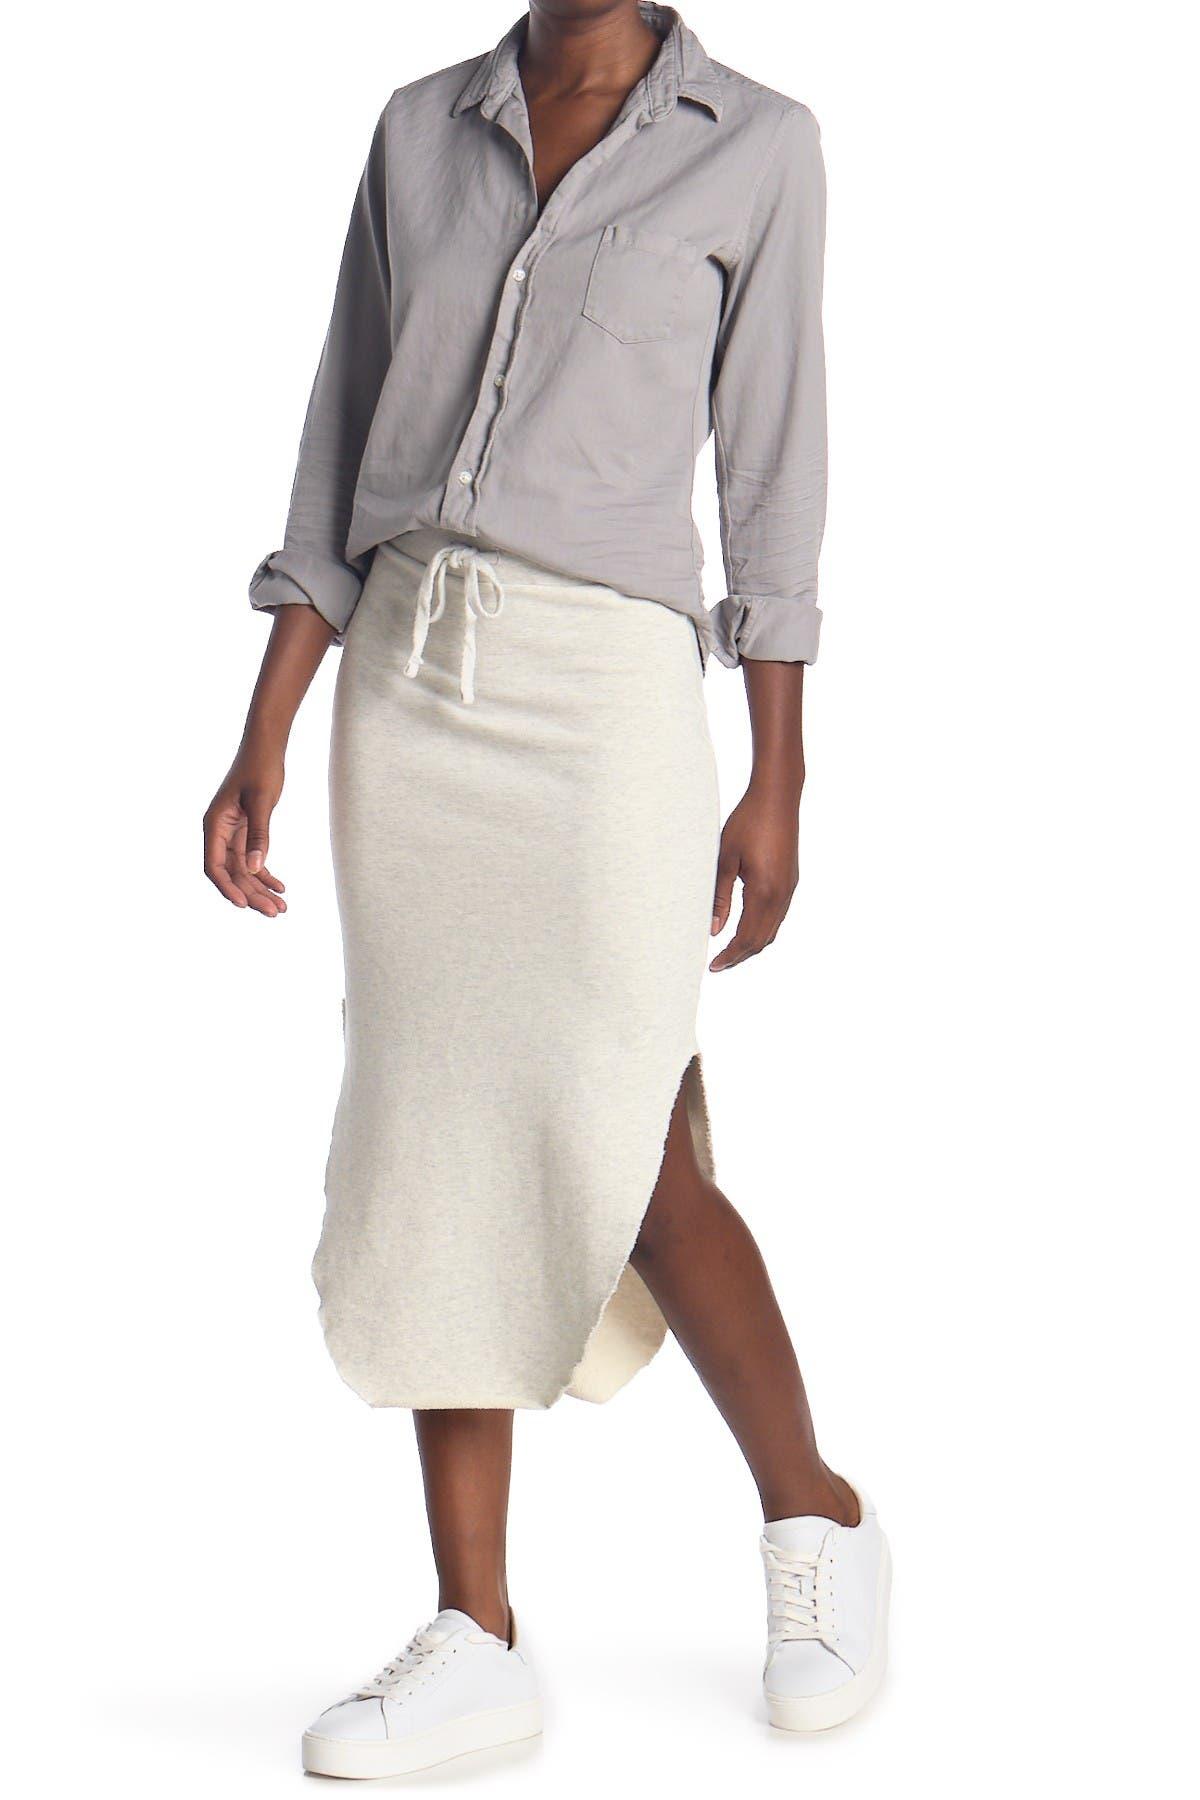 Image of FRANK & EILEEN Curved Hem Fleece Midi Skirt